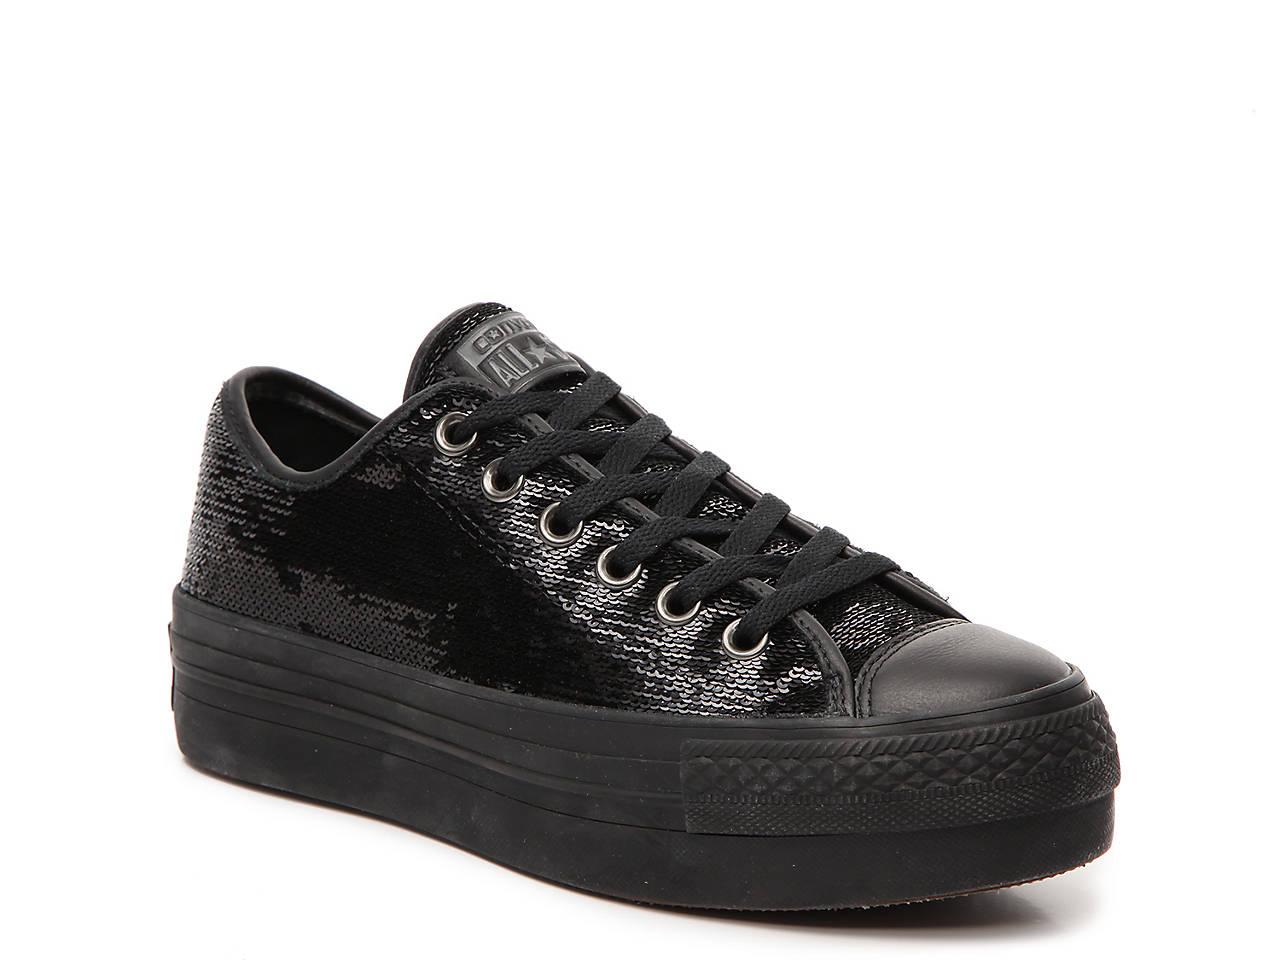 7e05add276d Converse Chuck Taylor All Star Platform Sneaker - Women s Women s ...